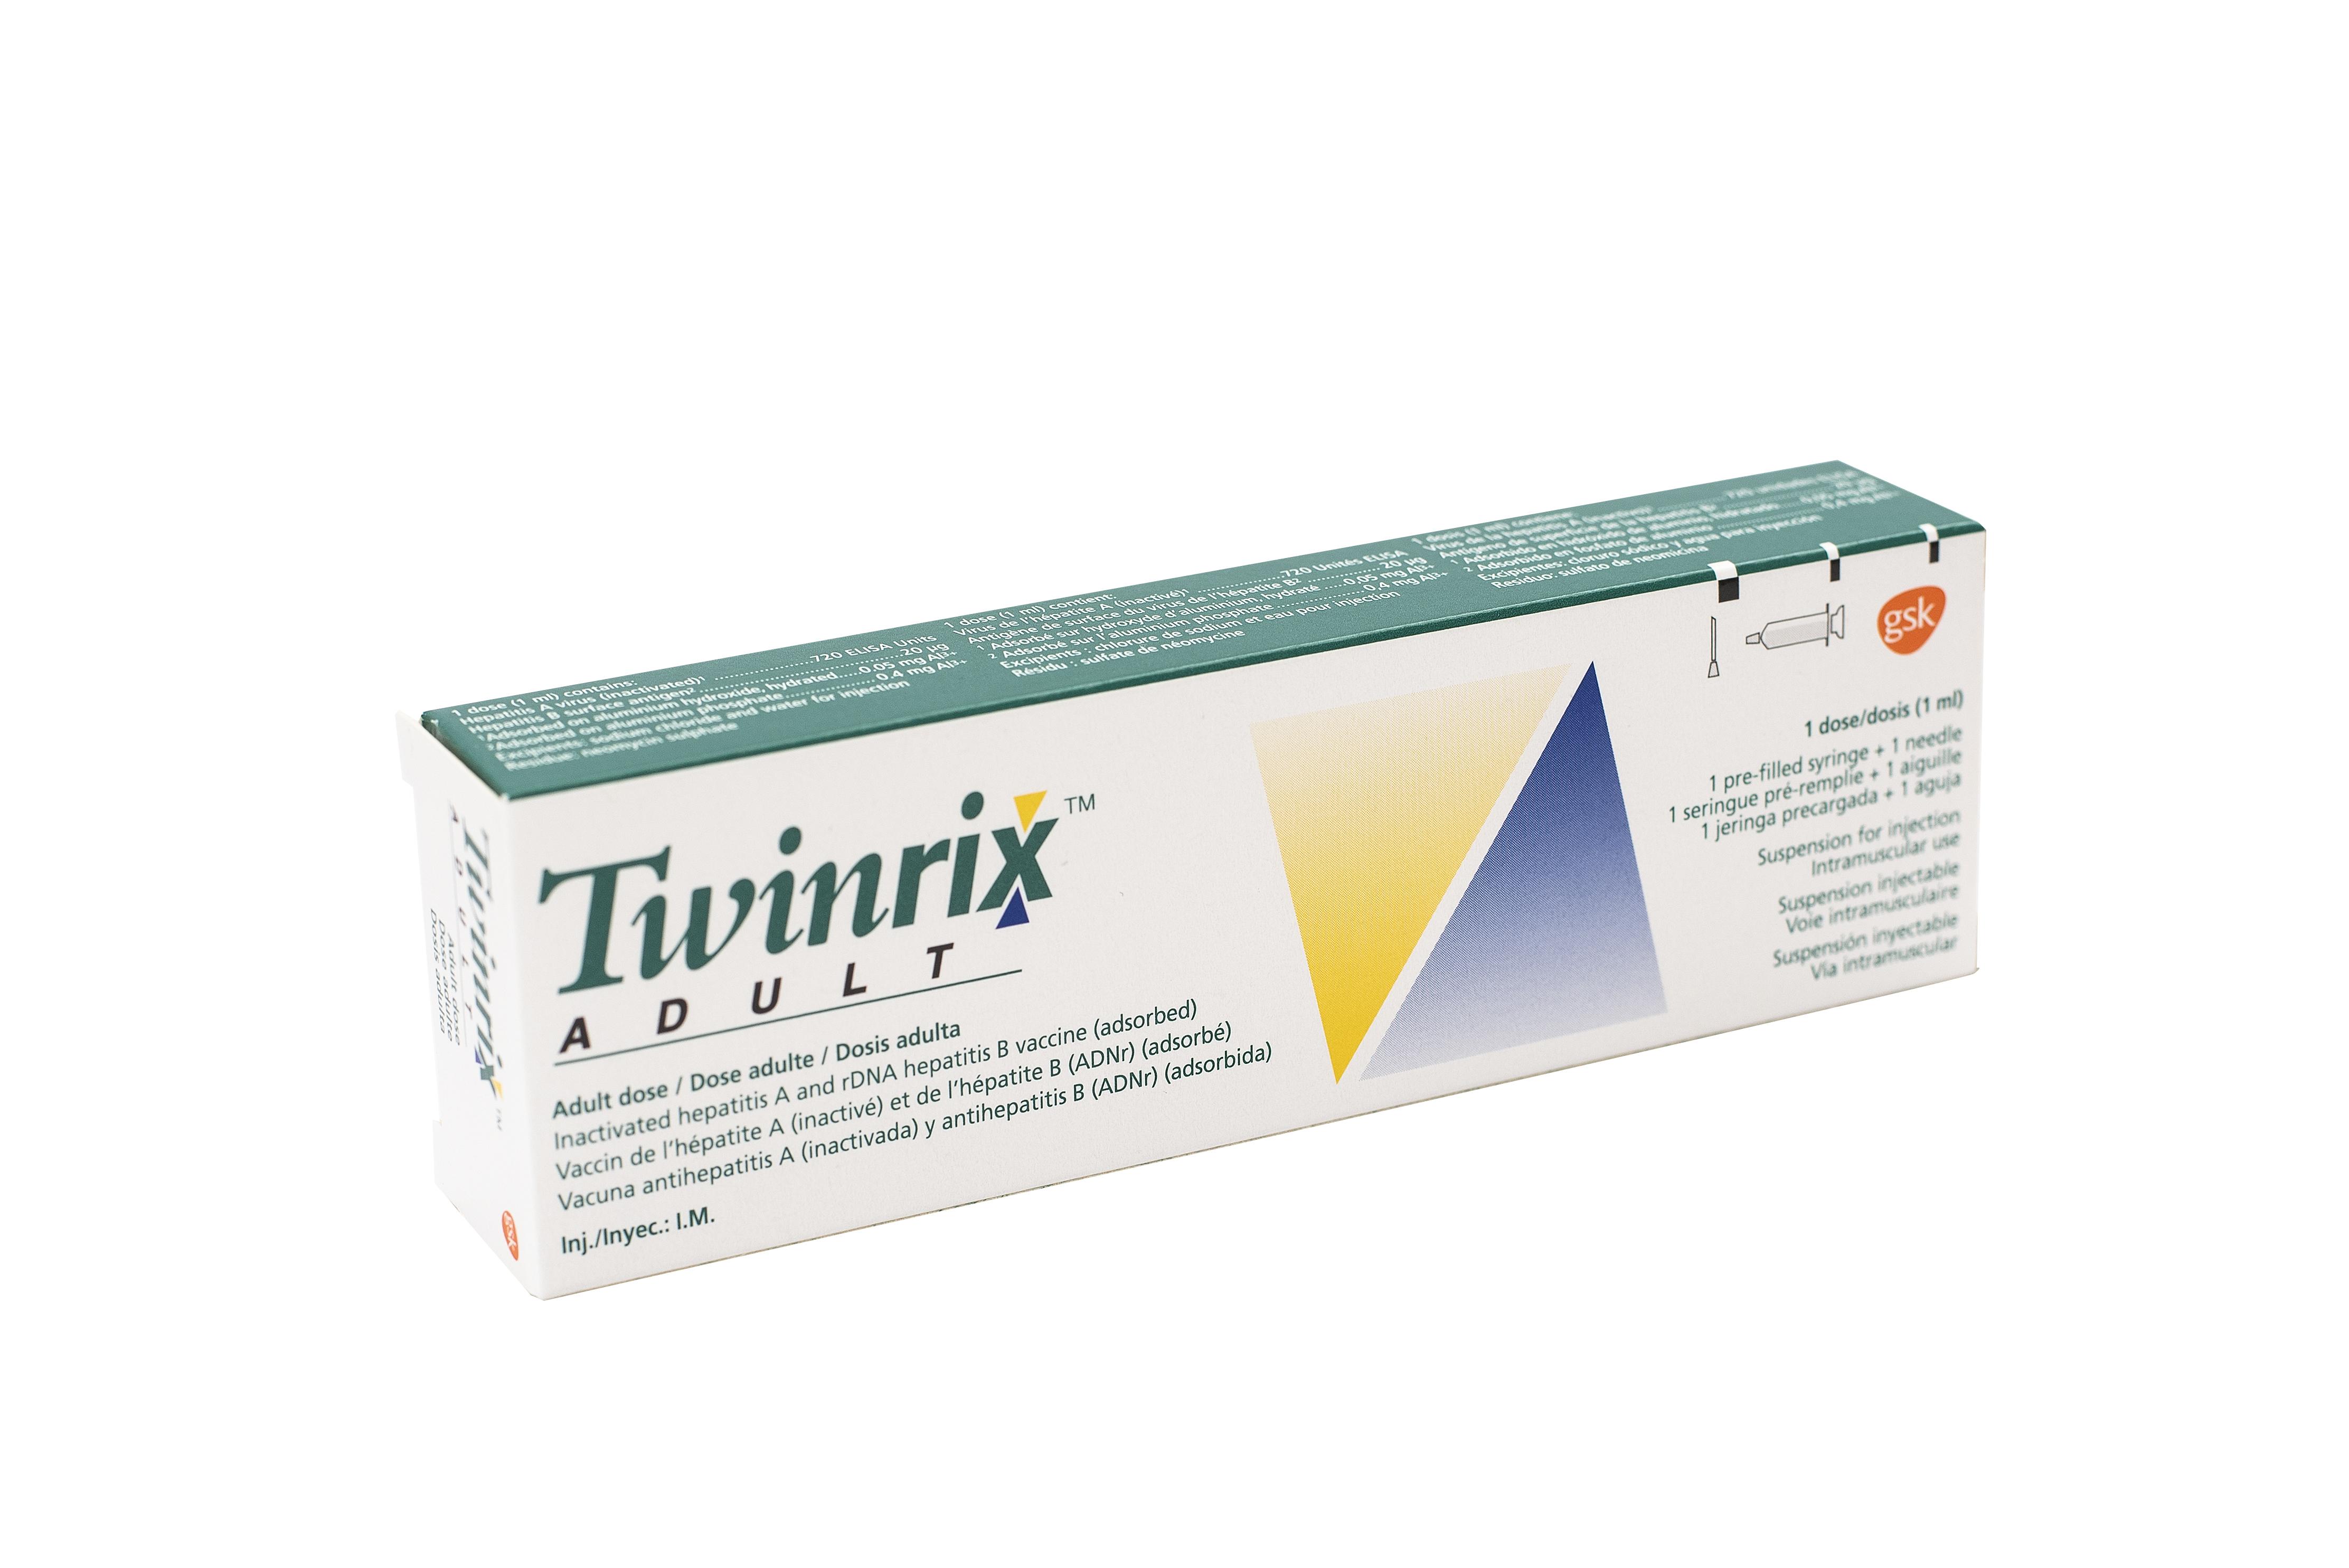 甲,乙型肝炎混合疫苗